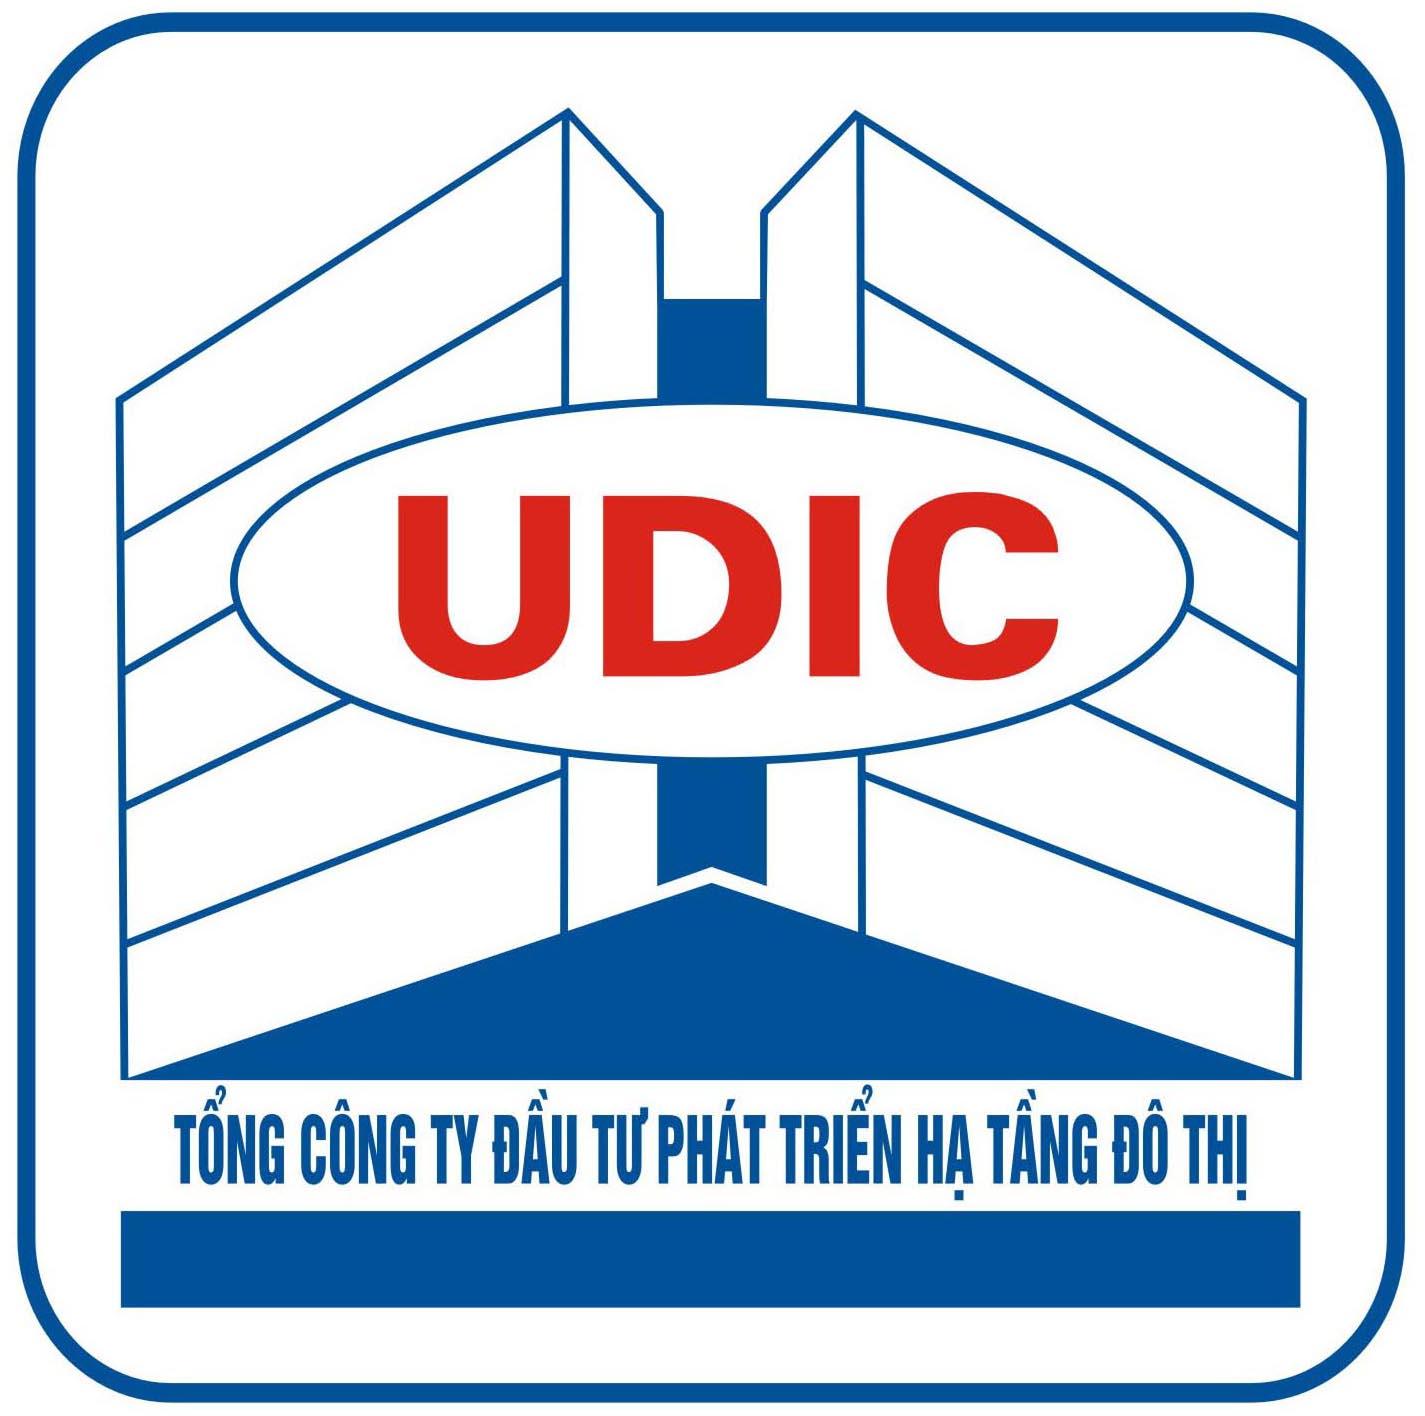 Mẫu thiết kế logo công ty xây dựng đẹp bạn nên tham khảo